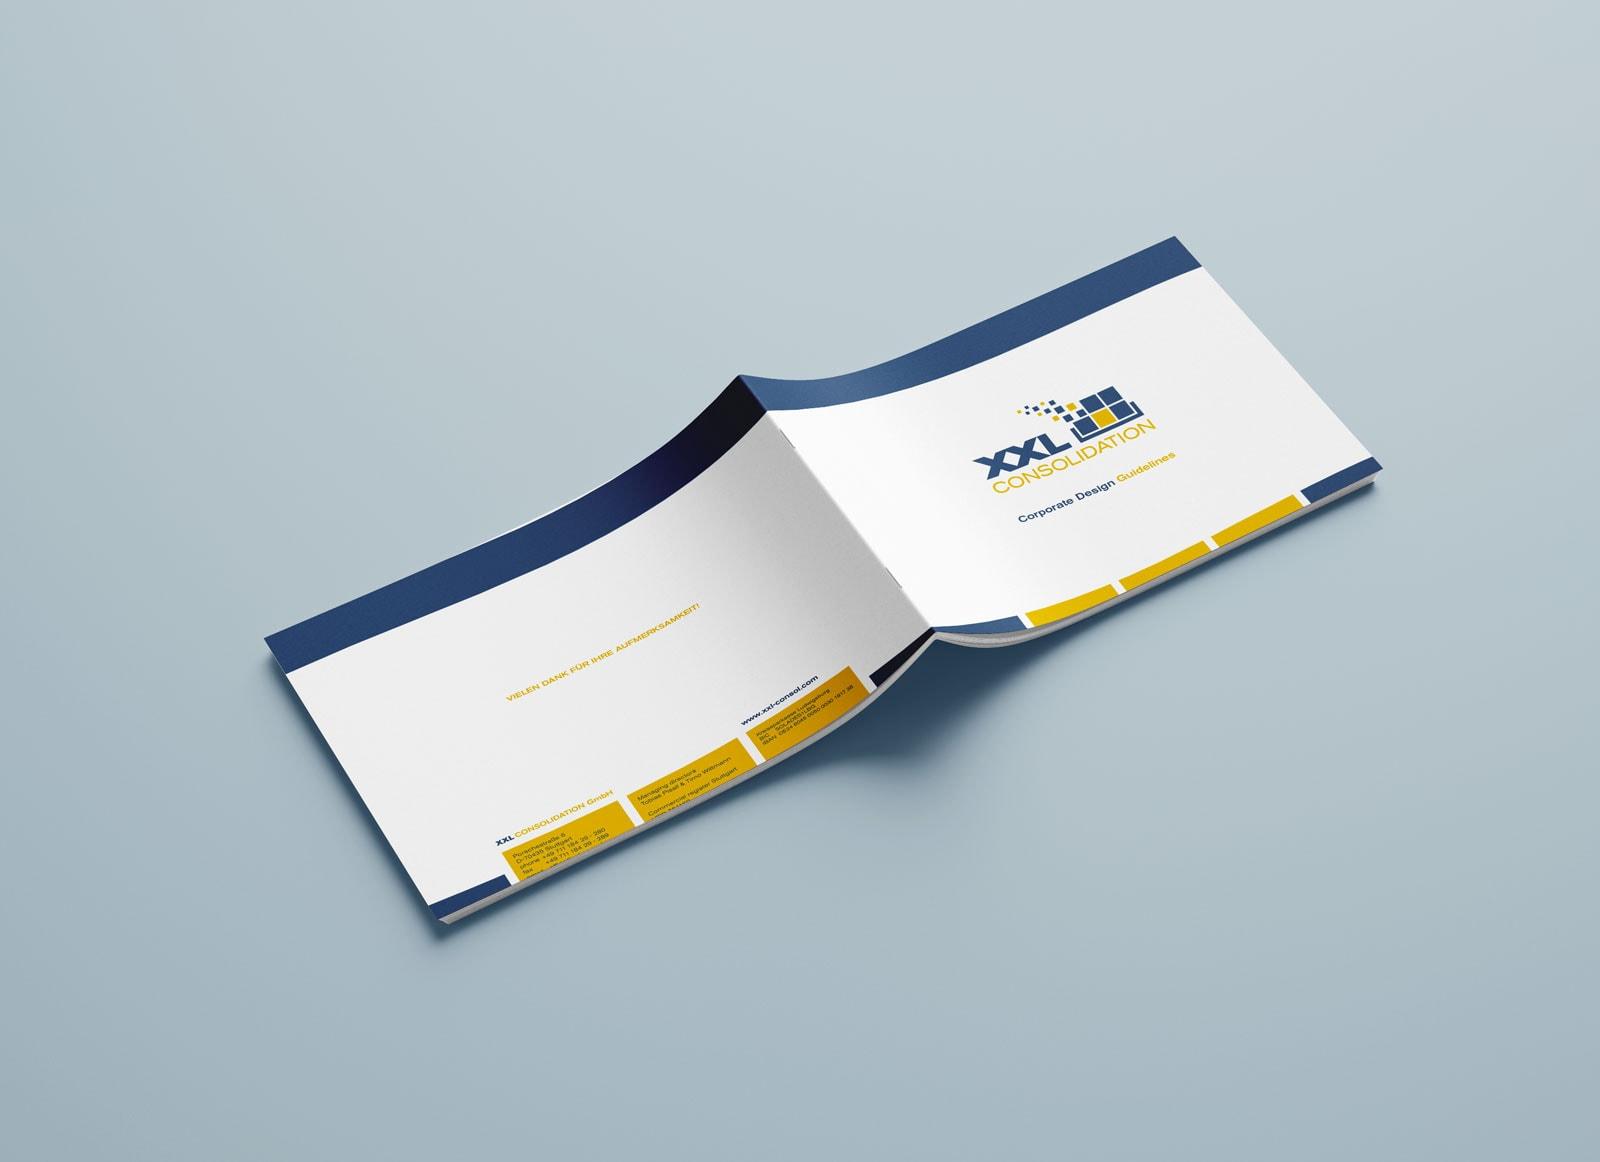 XXL Consolidation, Corporate Design Guide, Styleguide, Vorder- und Rückseite